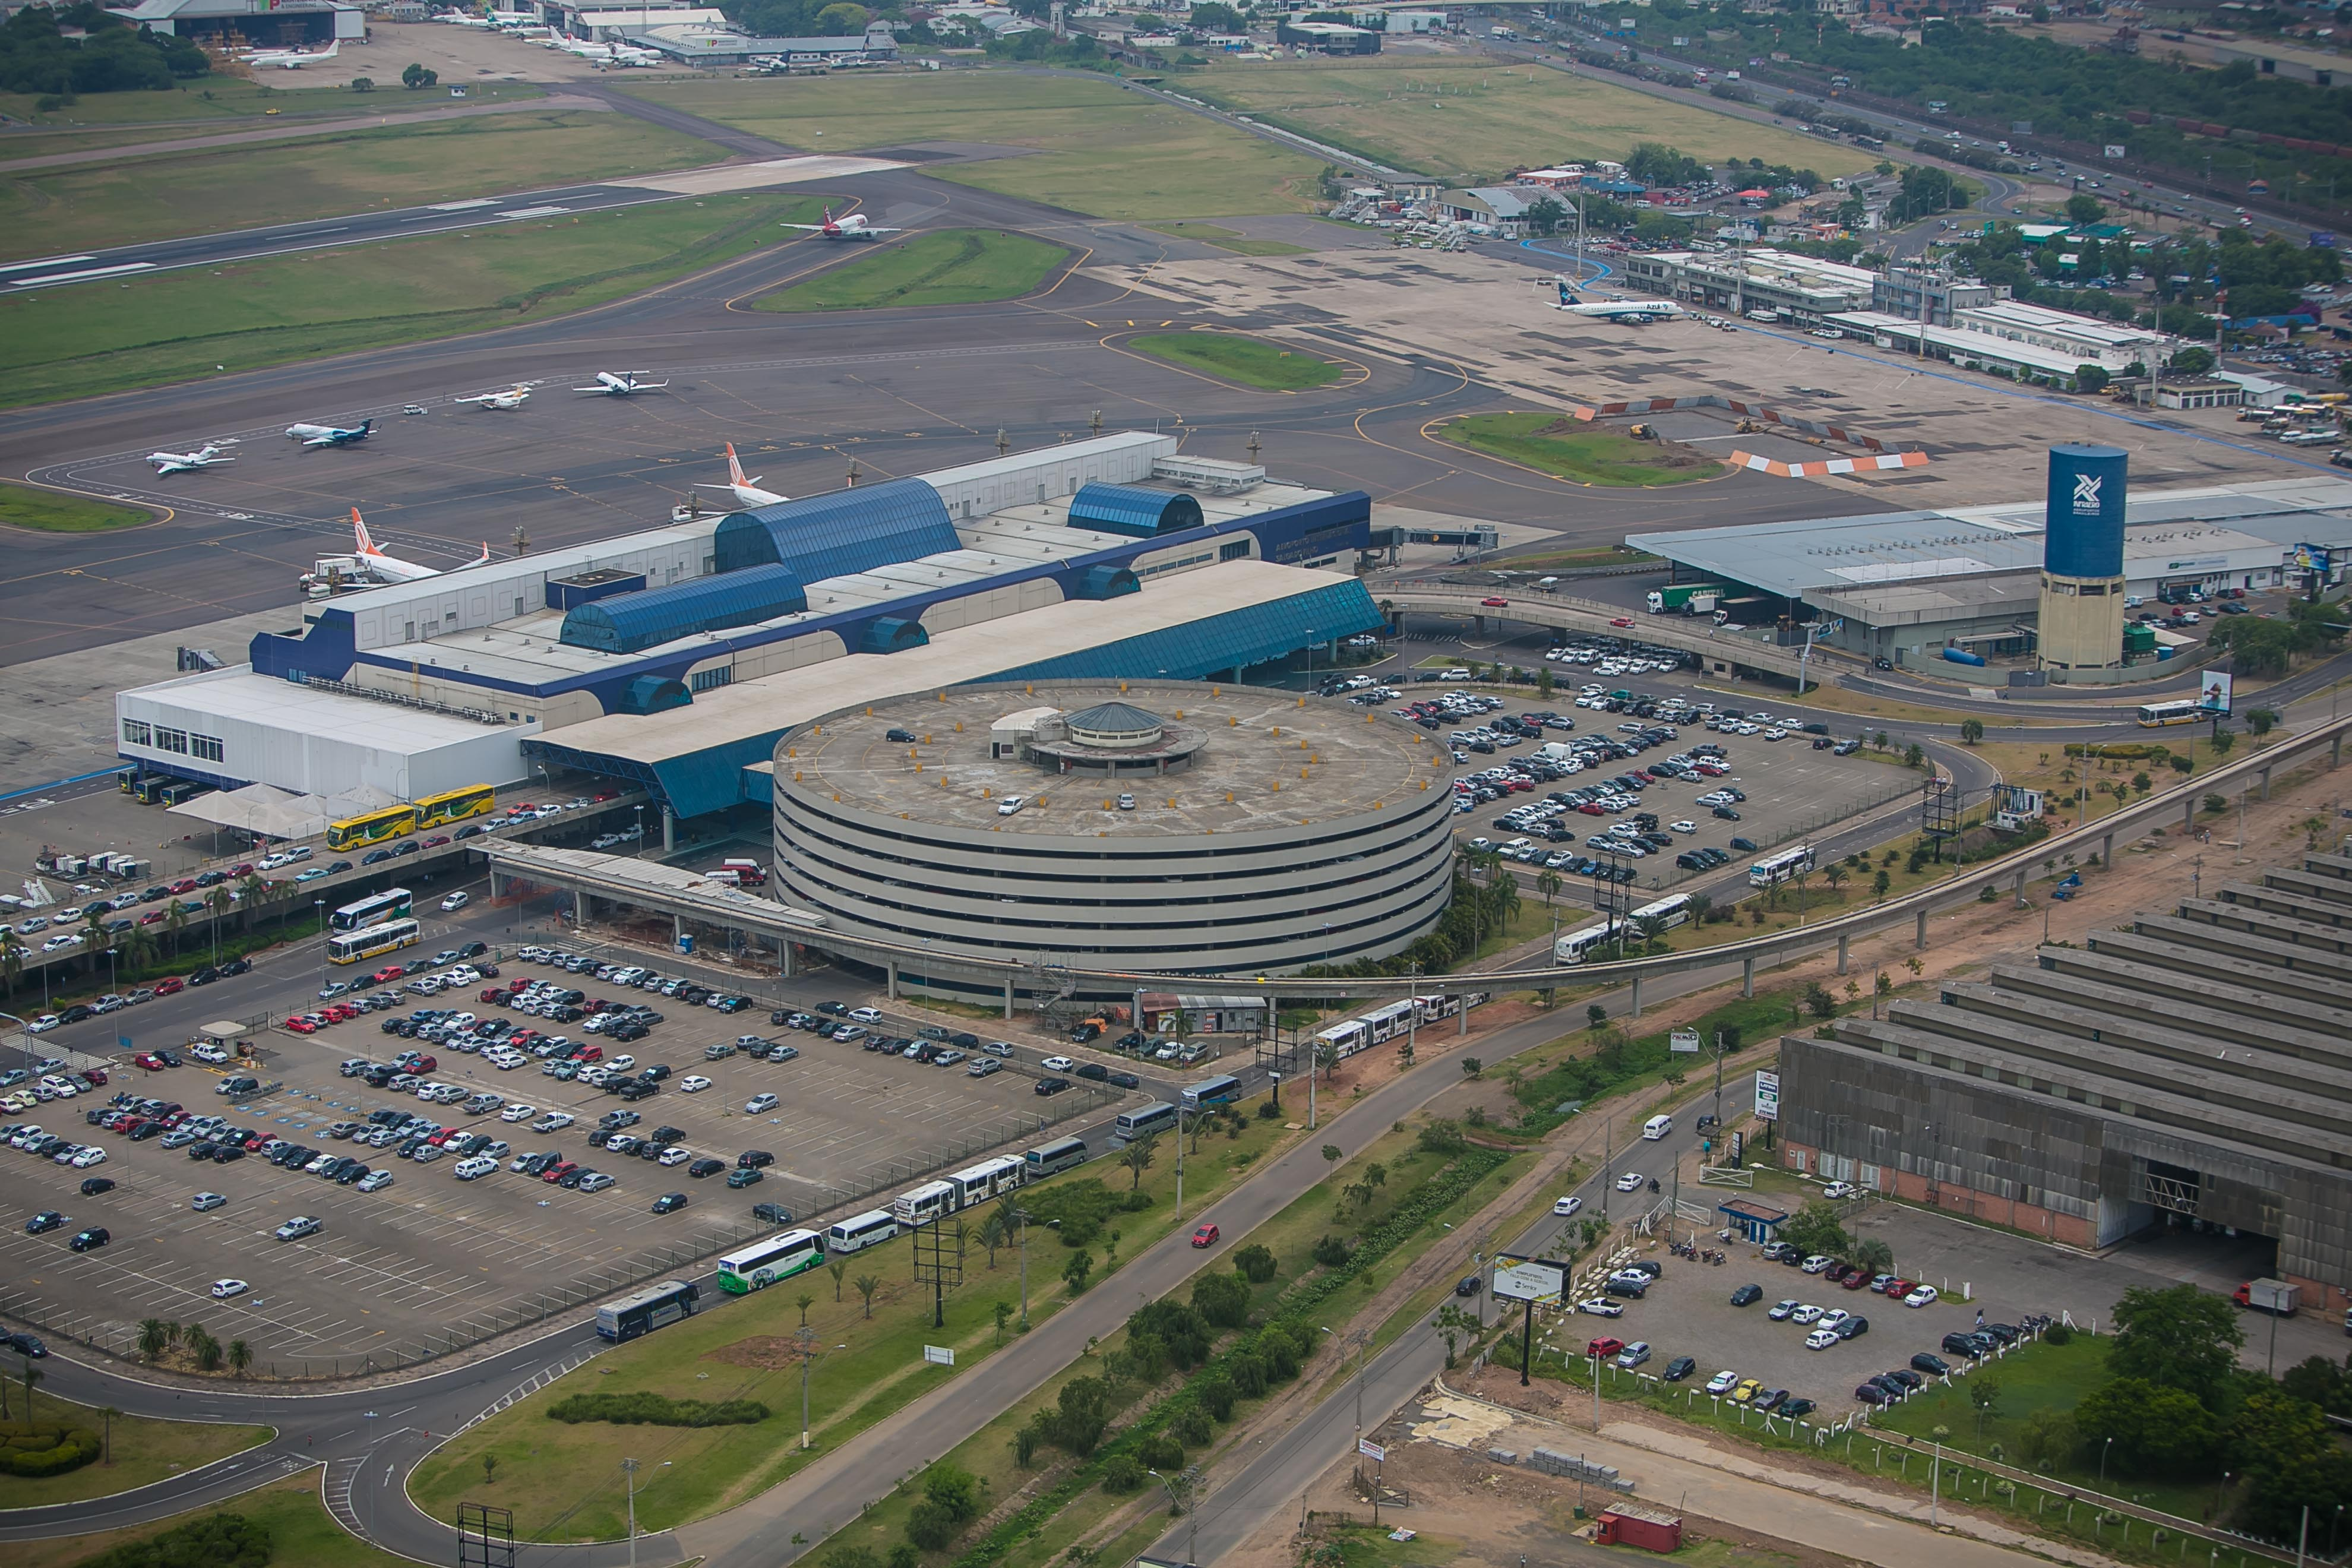 Aeroporto Porto Alegre : Terminal de cargas do aeroporto porto alegre registra